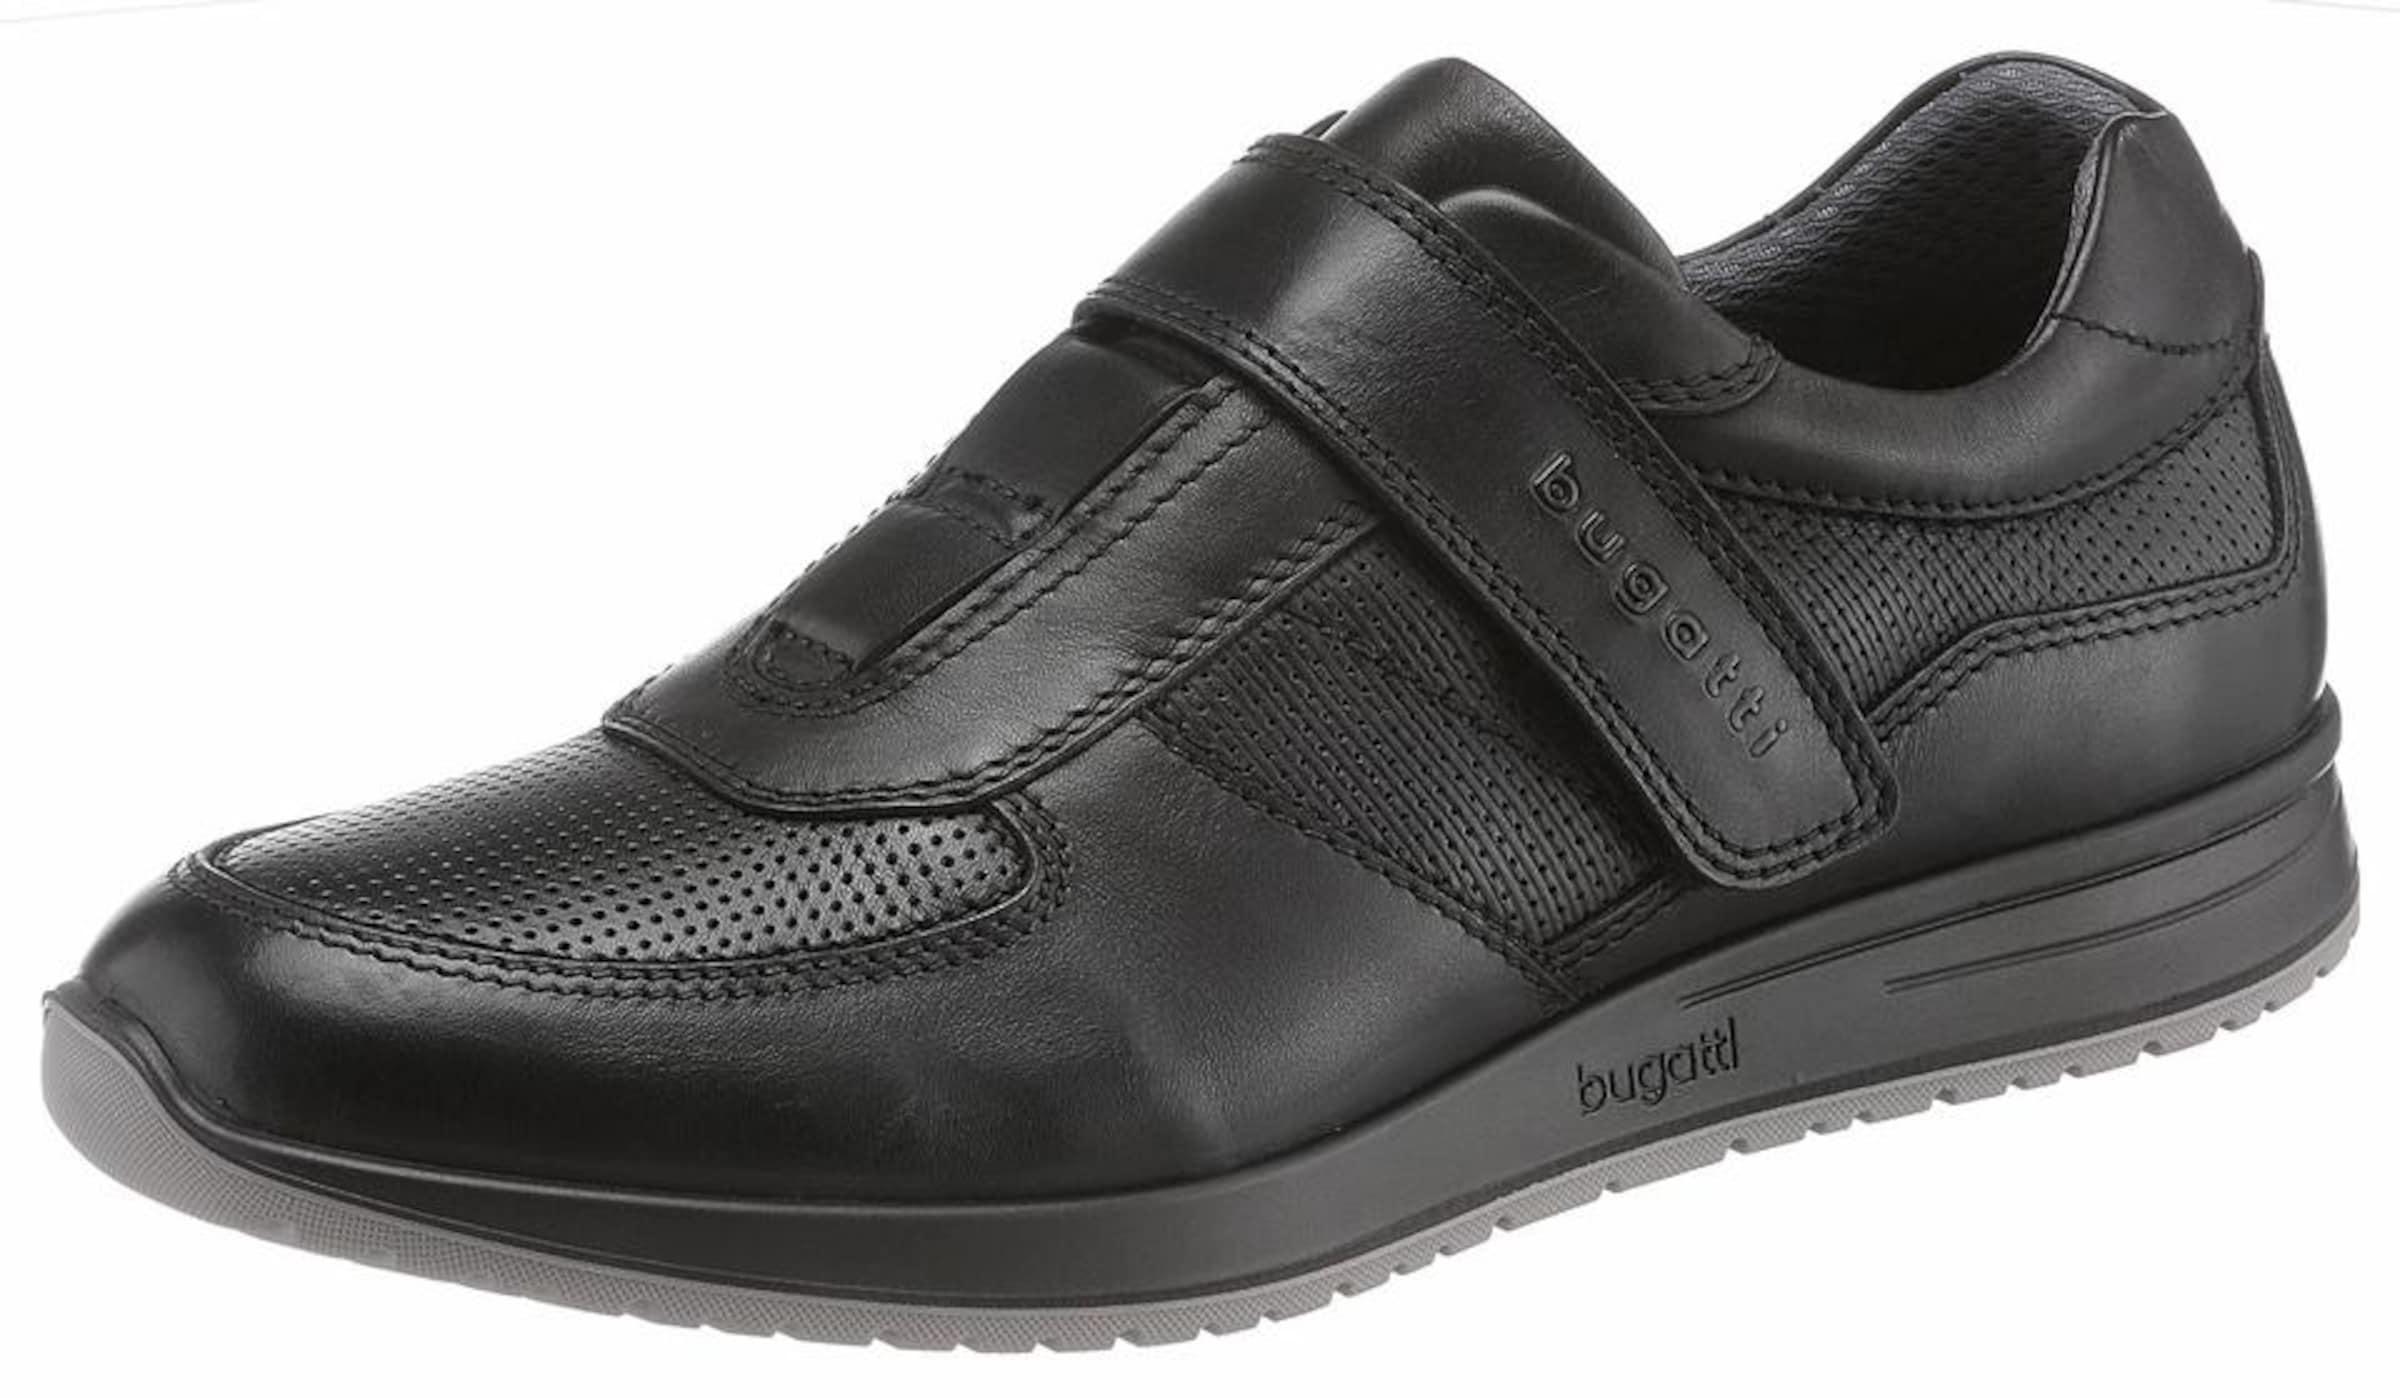 bugatti Klettschuh Günstige und langlebige Schuhe